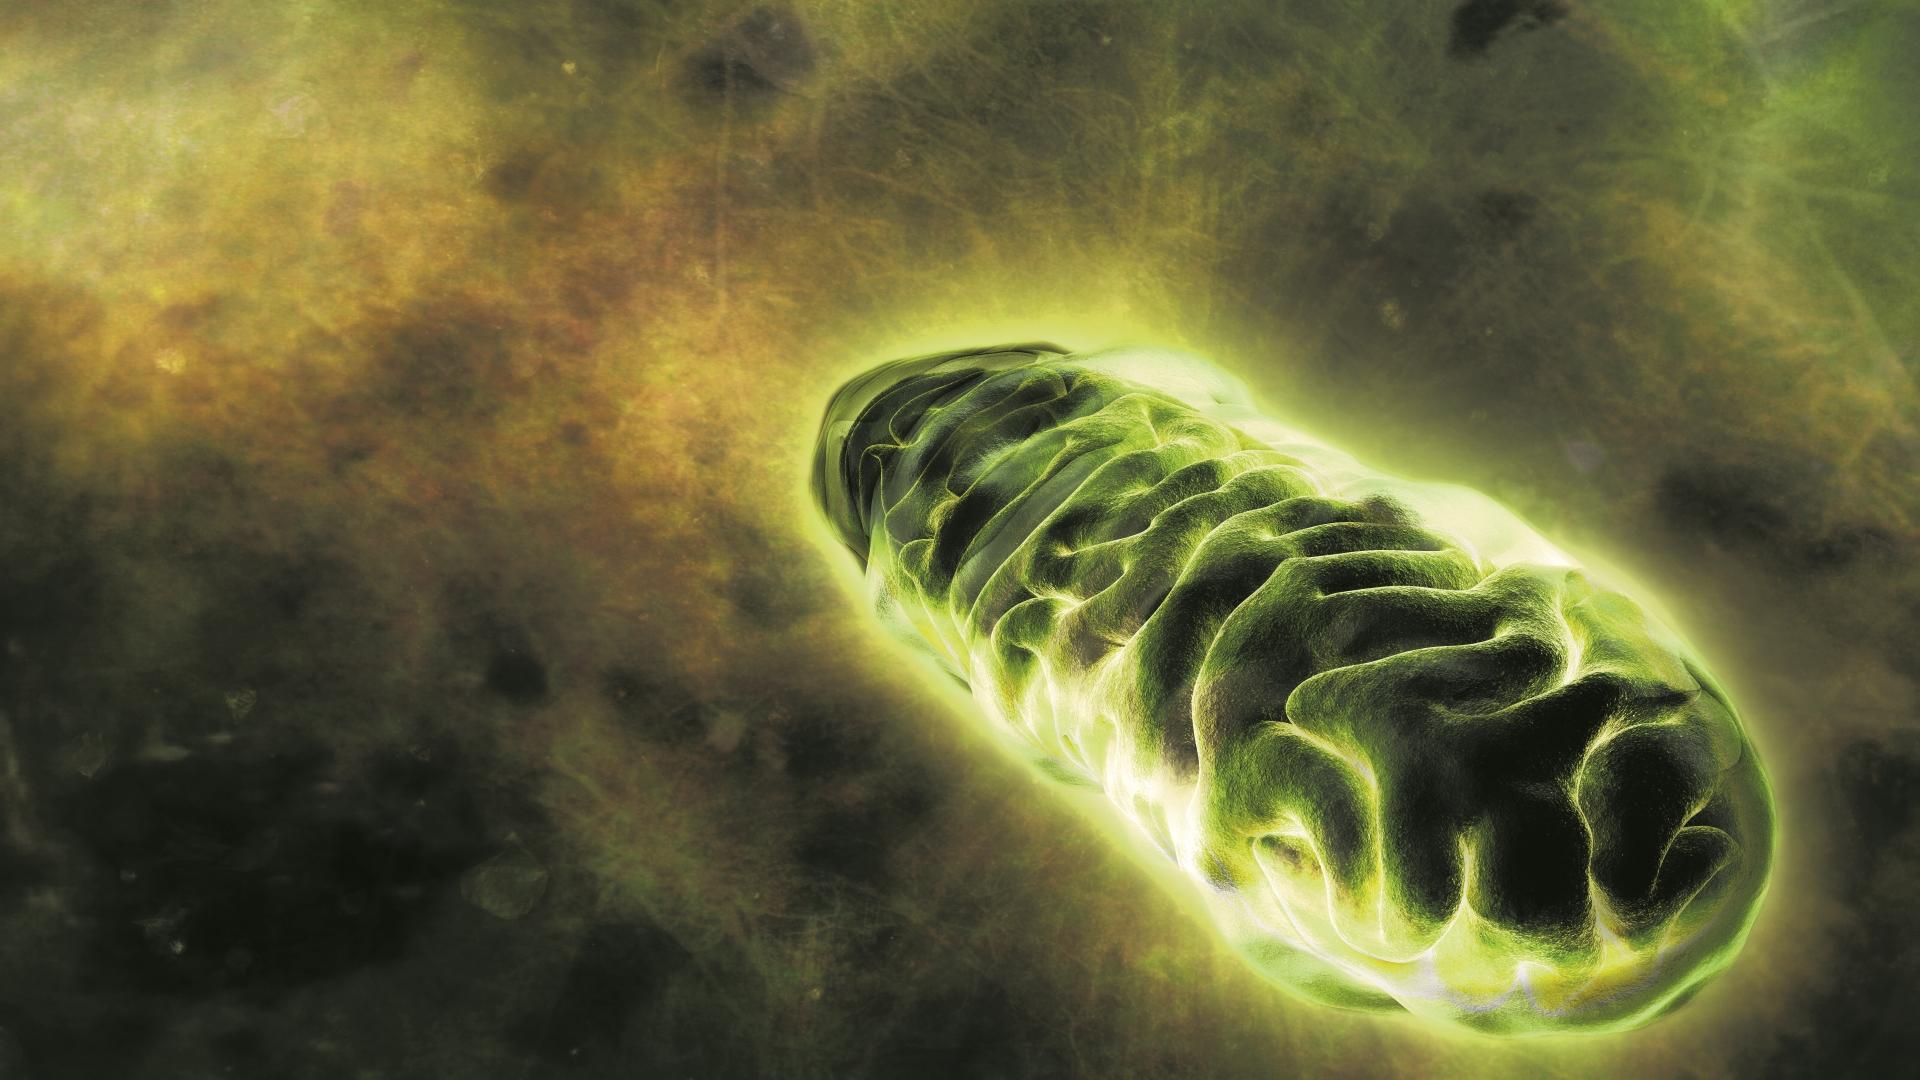 Митохондрии в человеческих клетках разогрелись до 50 градусов